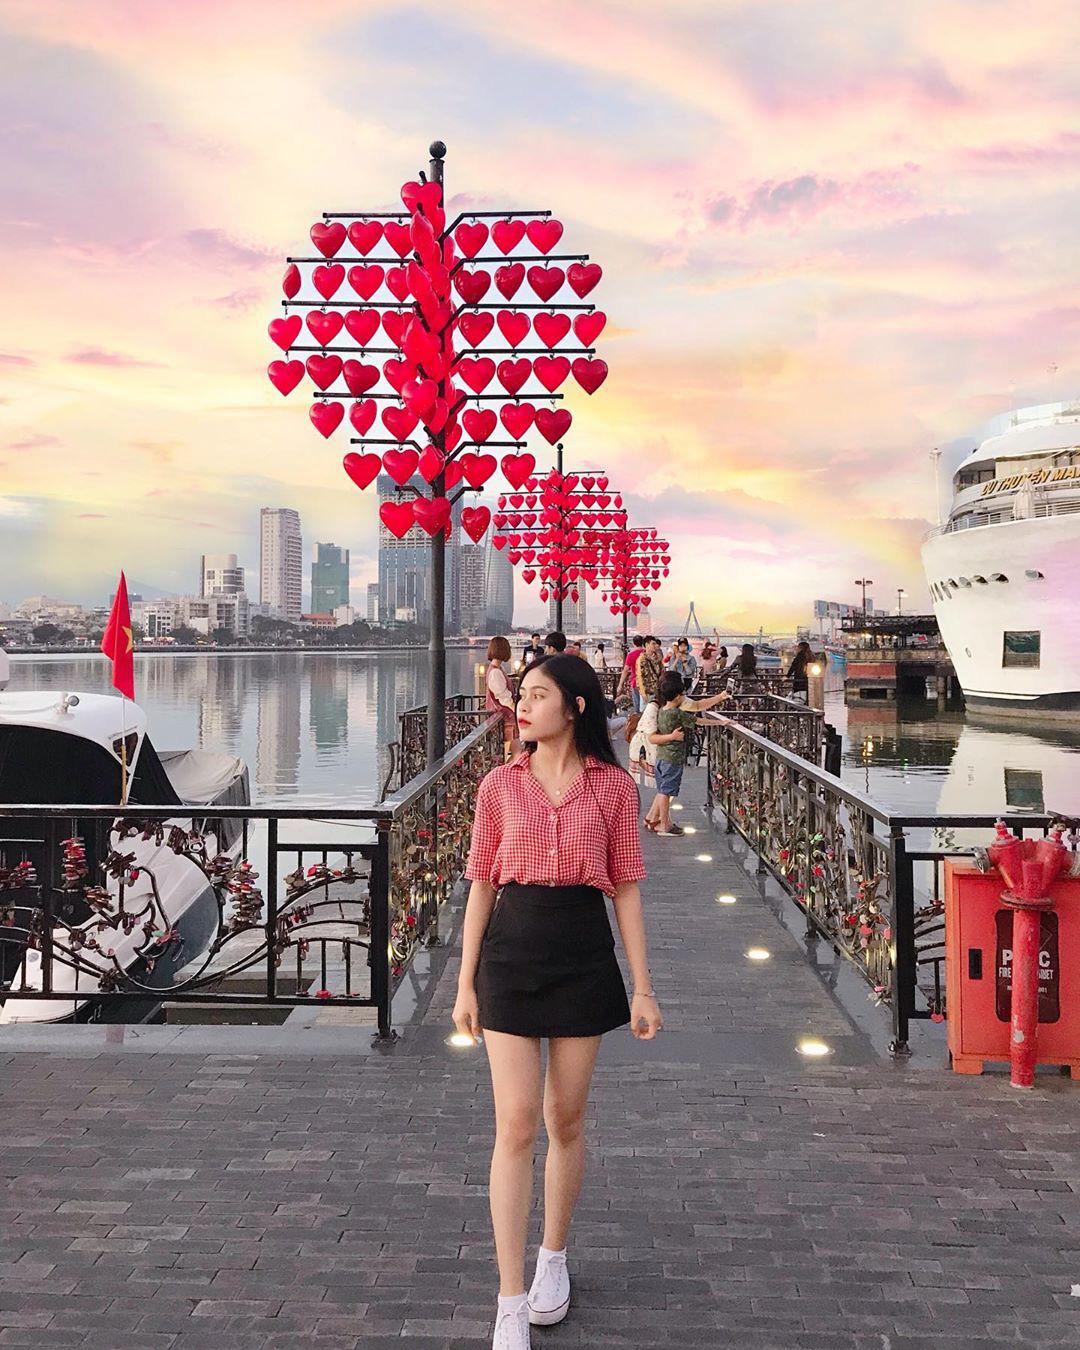 Tour du lịch Tết TP HCM - Đà Nẵng 3 ngày 2 đêm - Ảnh 1.